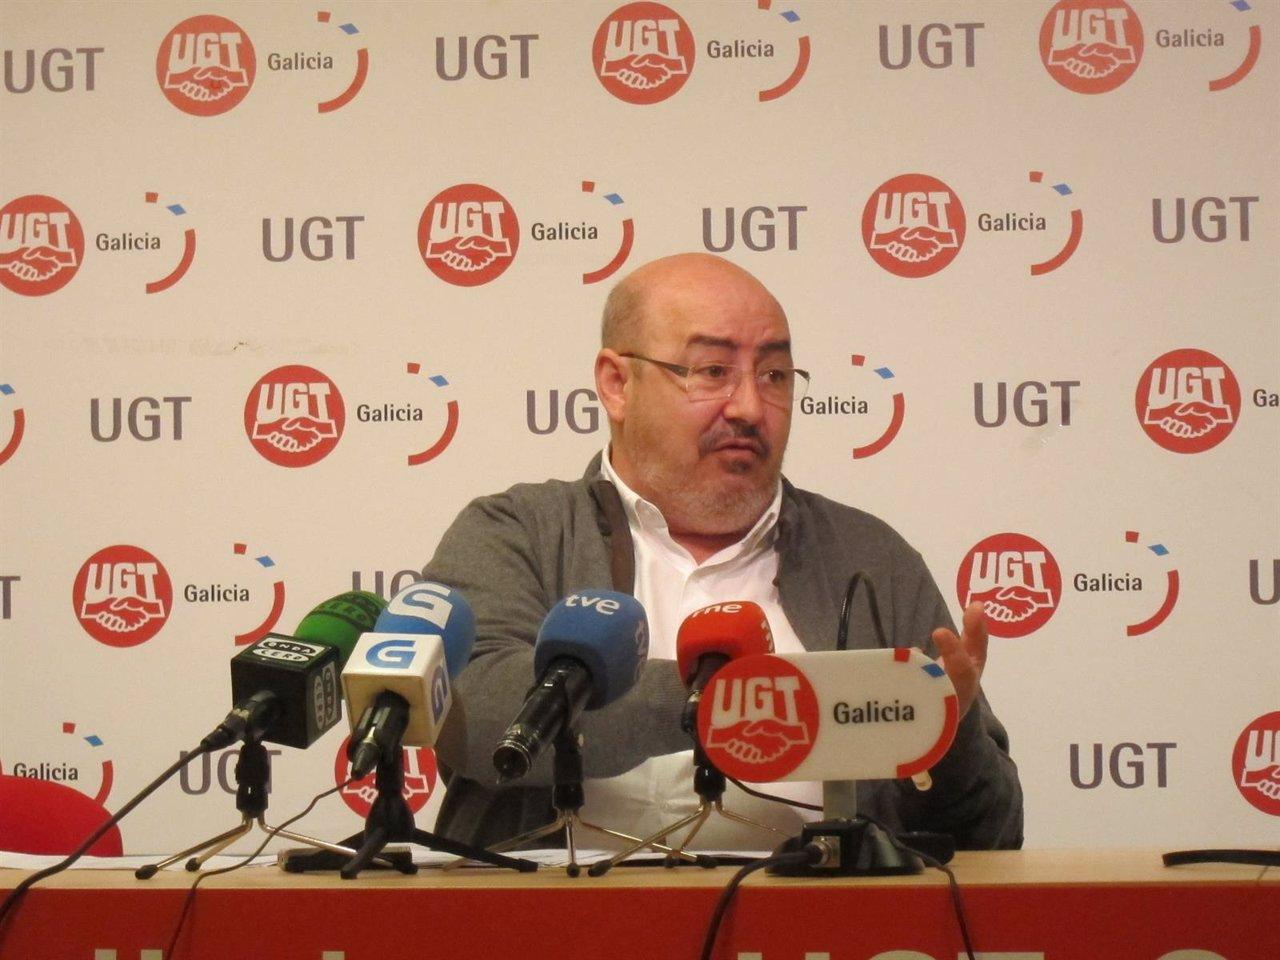 El secretario general de UU.AA., Roberto García